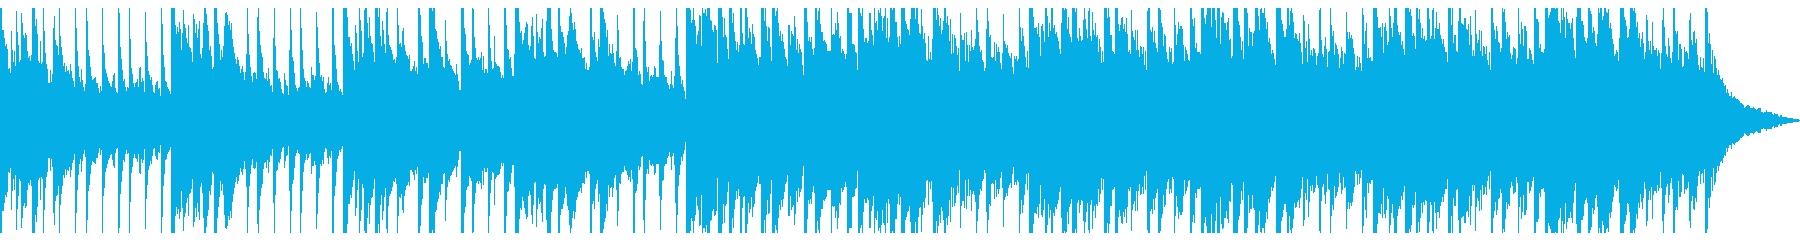 ソフトポップバラード。メランコリッ...の再生済みの波形